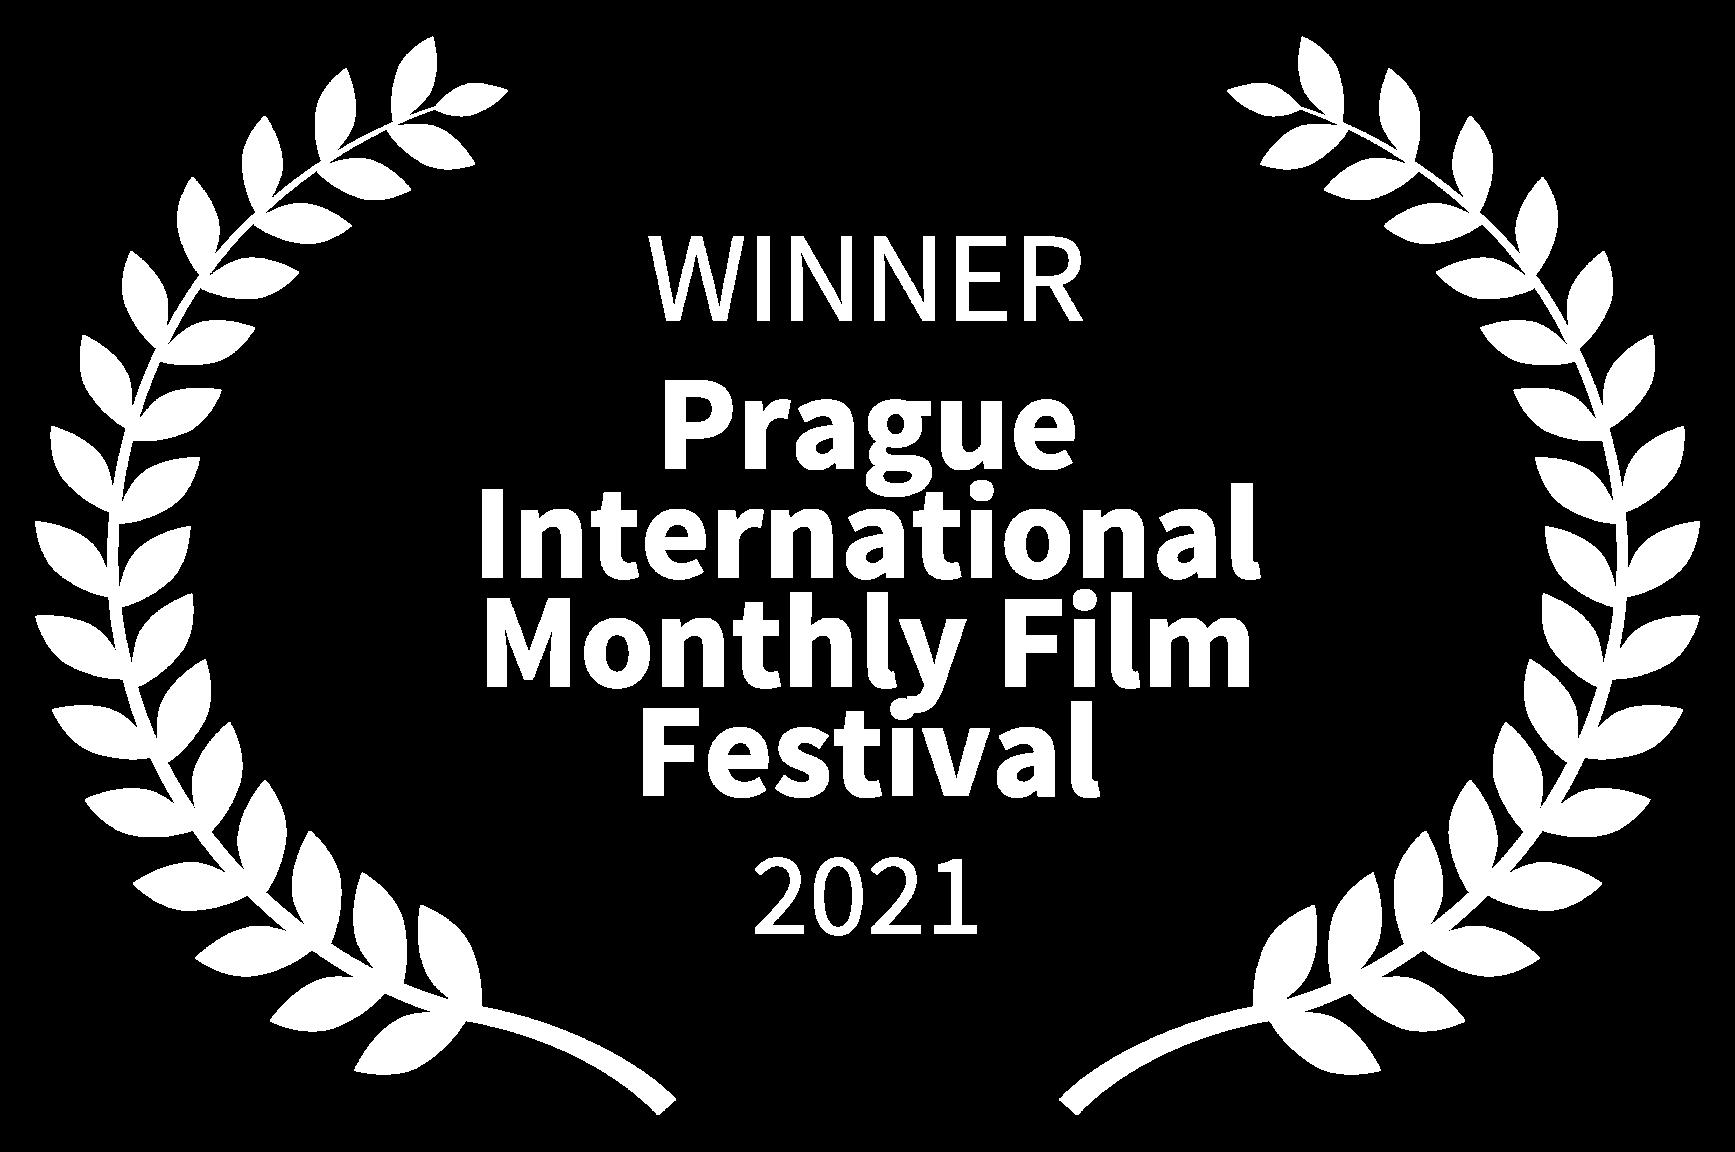 WINNER - Prague International Monthly Film Festival - 2021